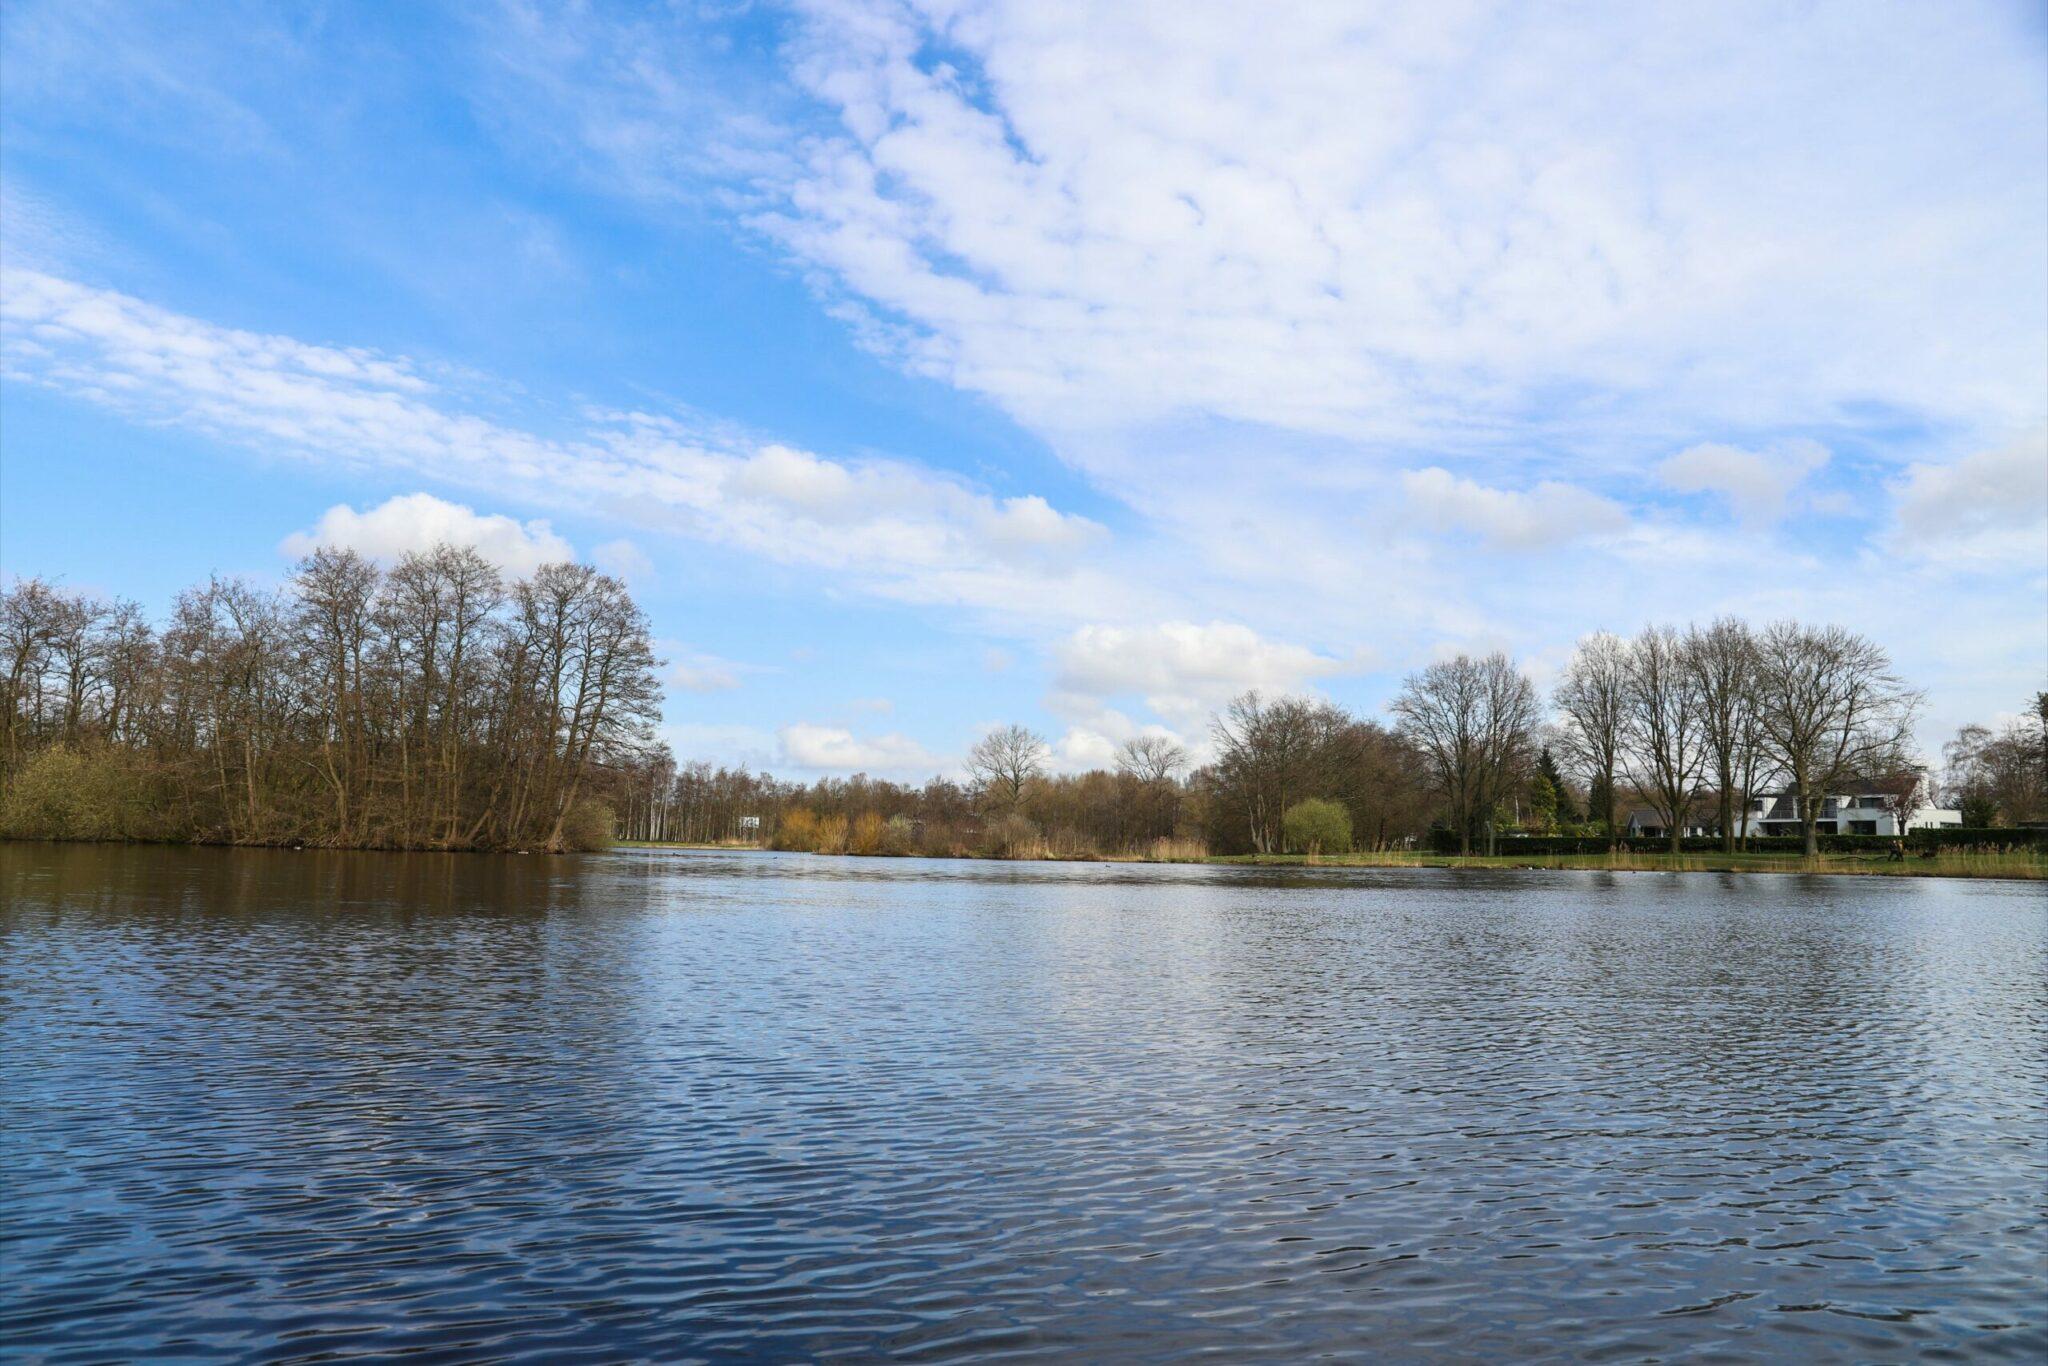 weer pasen bergen op zoom noordgeest water park natuur meer kale bomen